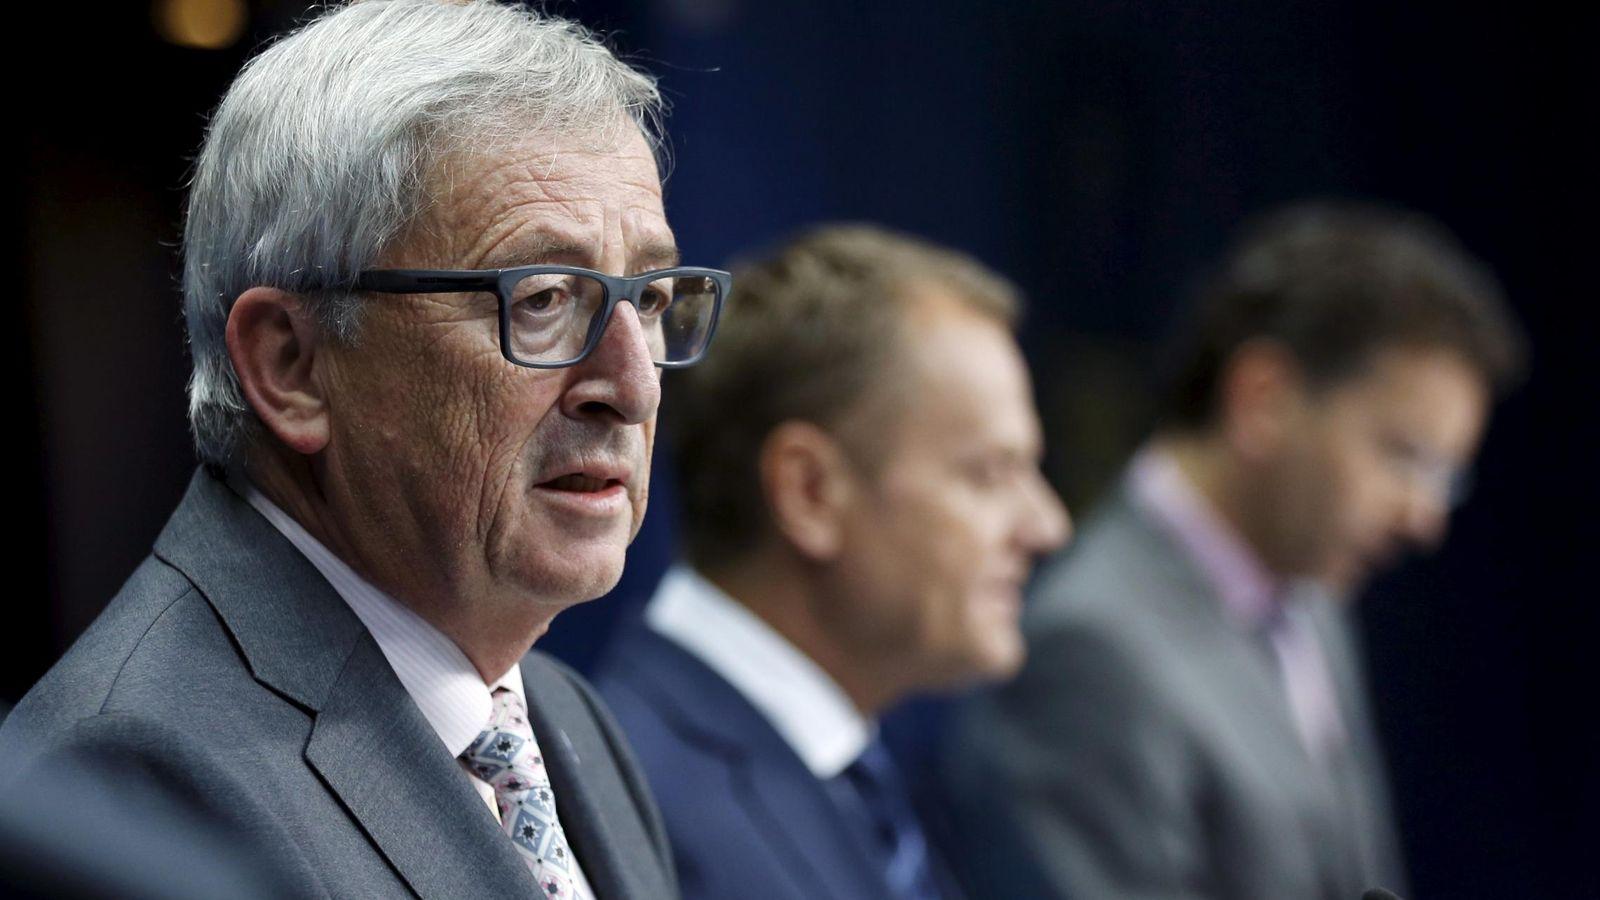 Foto: El presidente de la Comisión Europea, Jean-Claude Juncker, durante una rueda de prensa en Bruselas (Reuters).